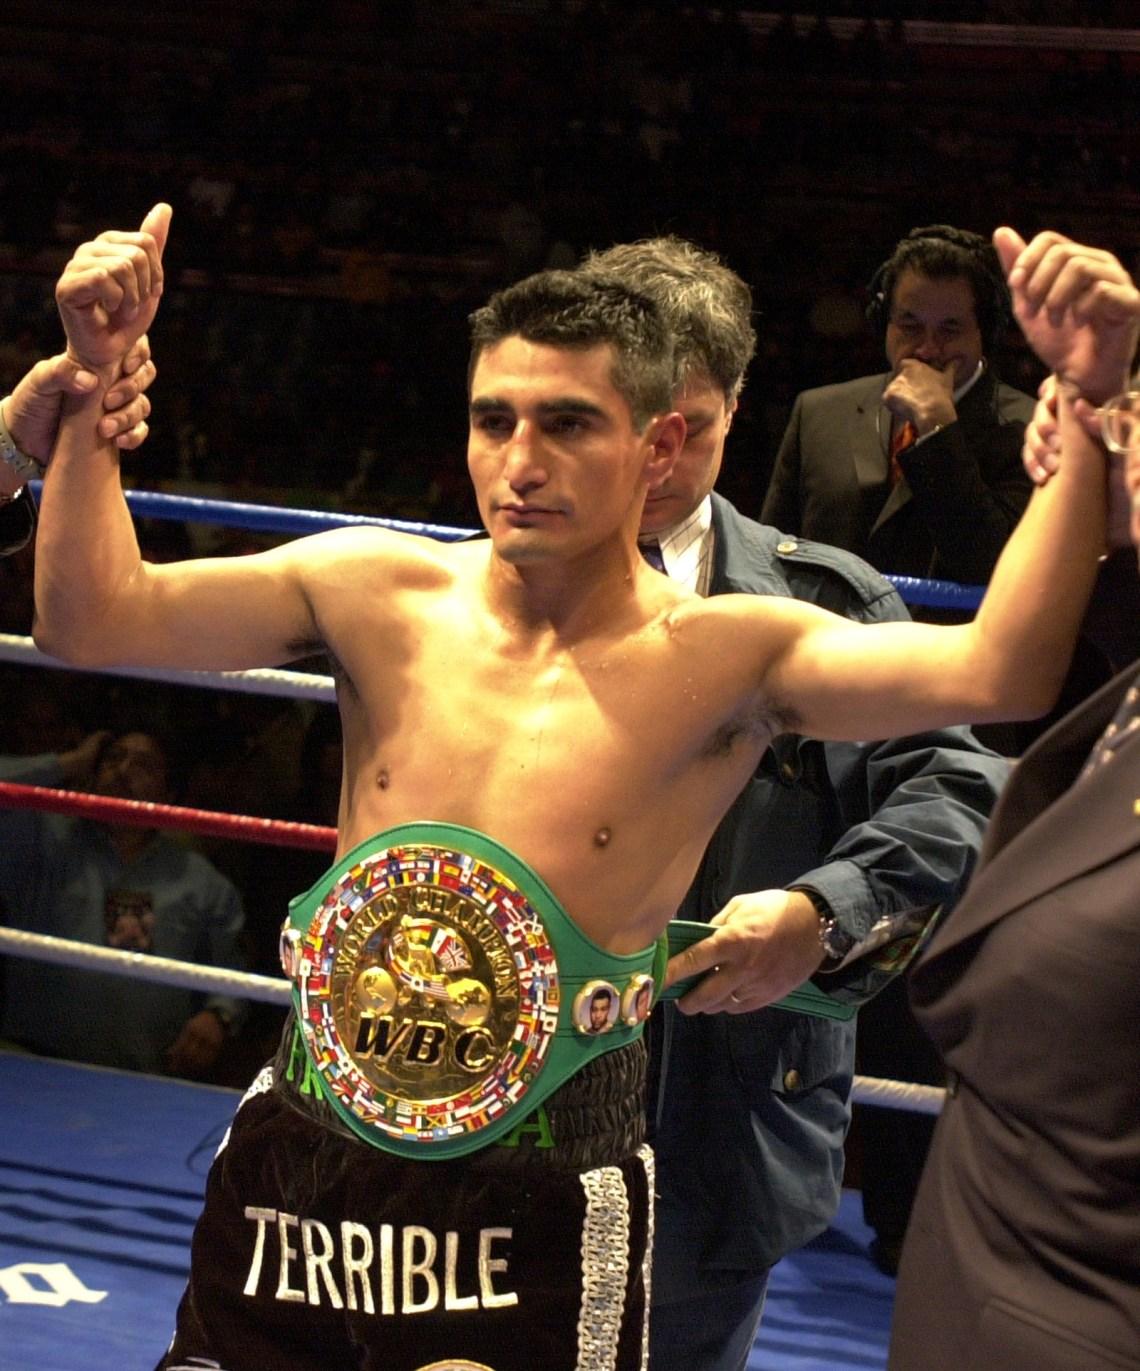 Ex boxeador campeón del mundo, El Terrible dijo que ahora quiere pelear pero por el pueblo de su natal Tijuana.